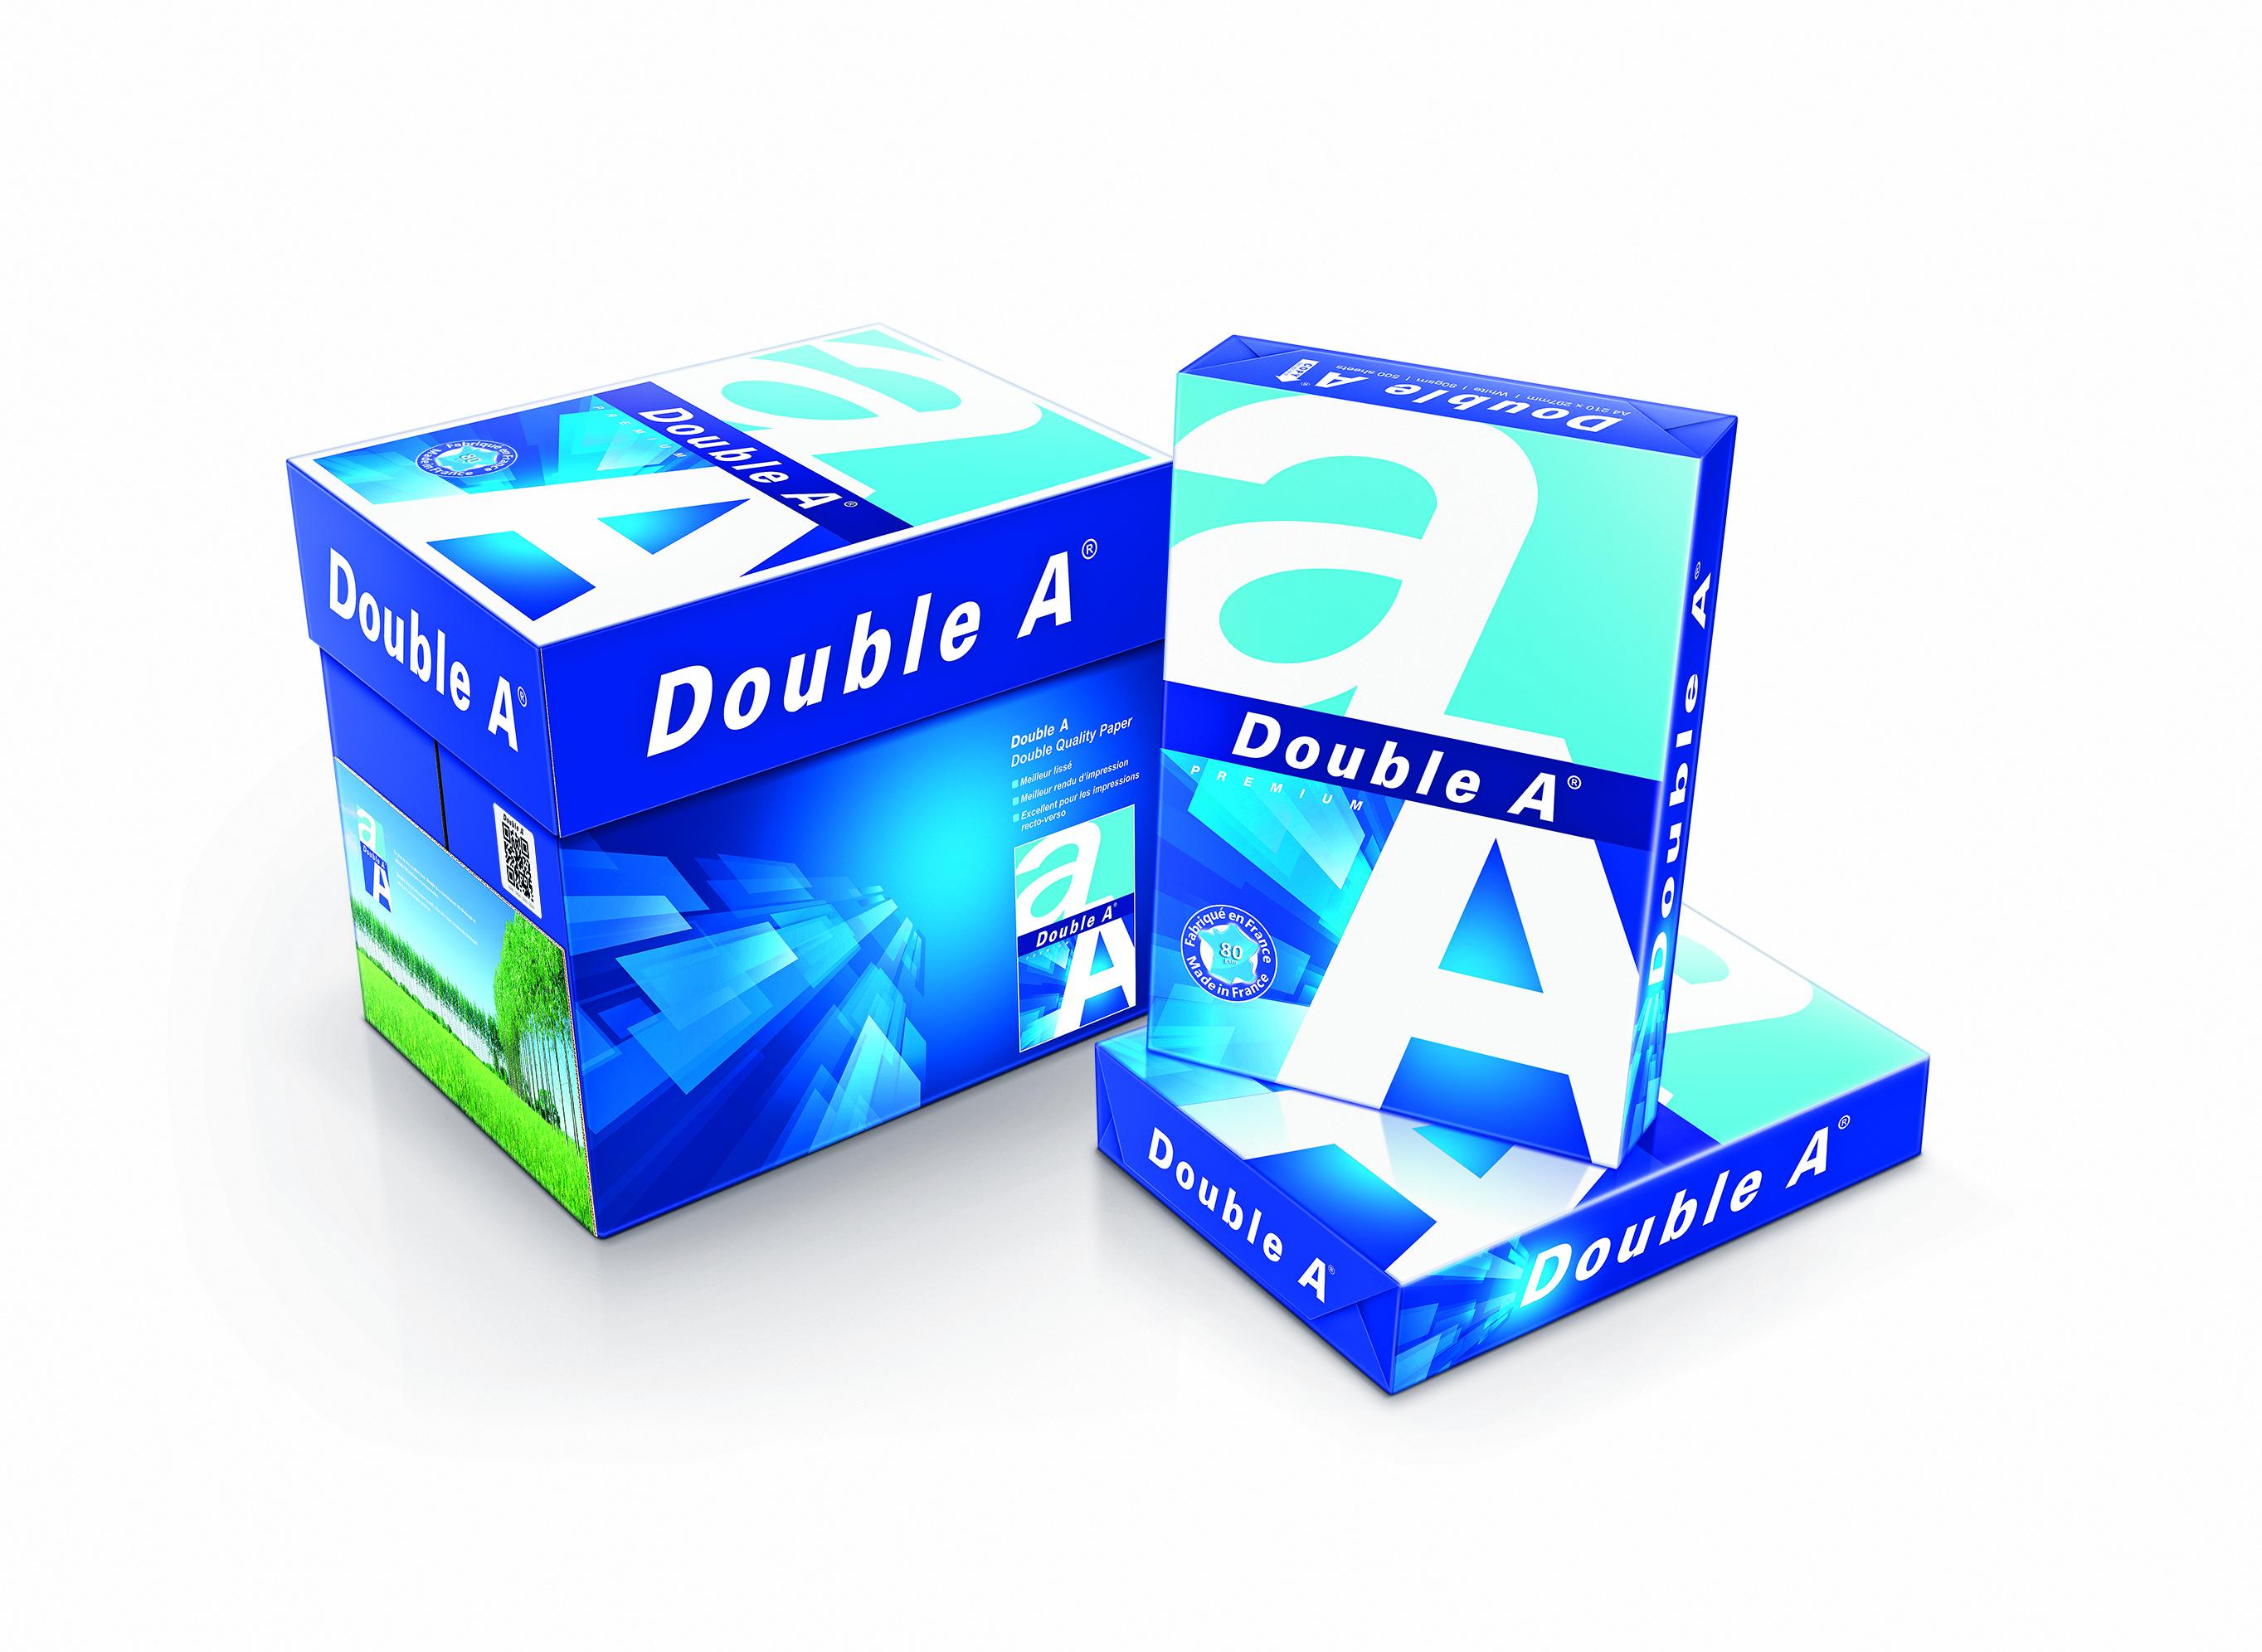 Double A papier nieuwe verpakking